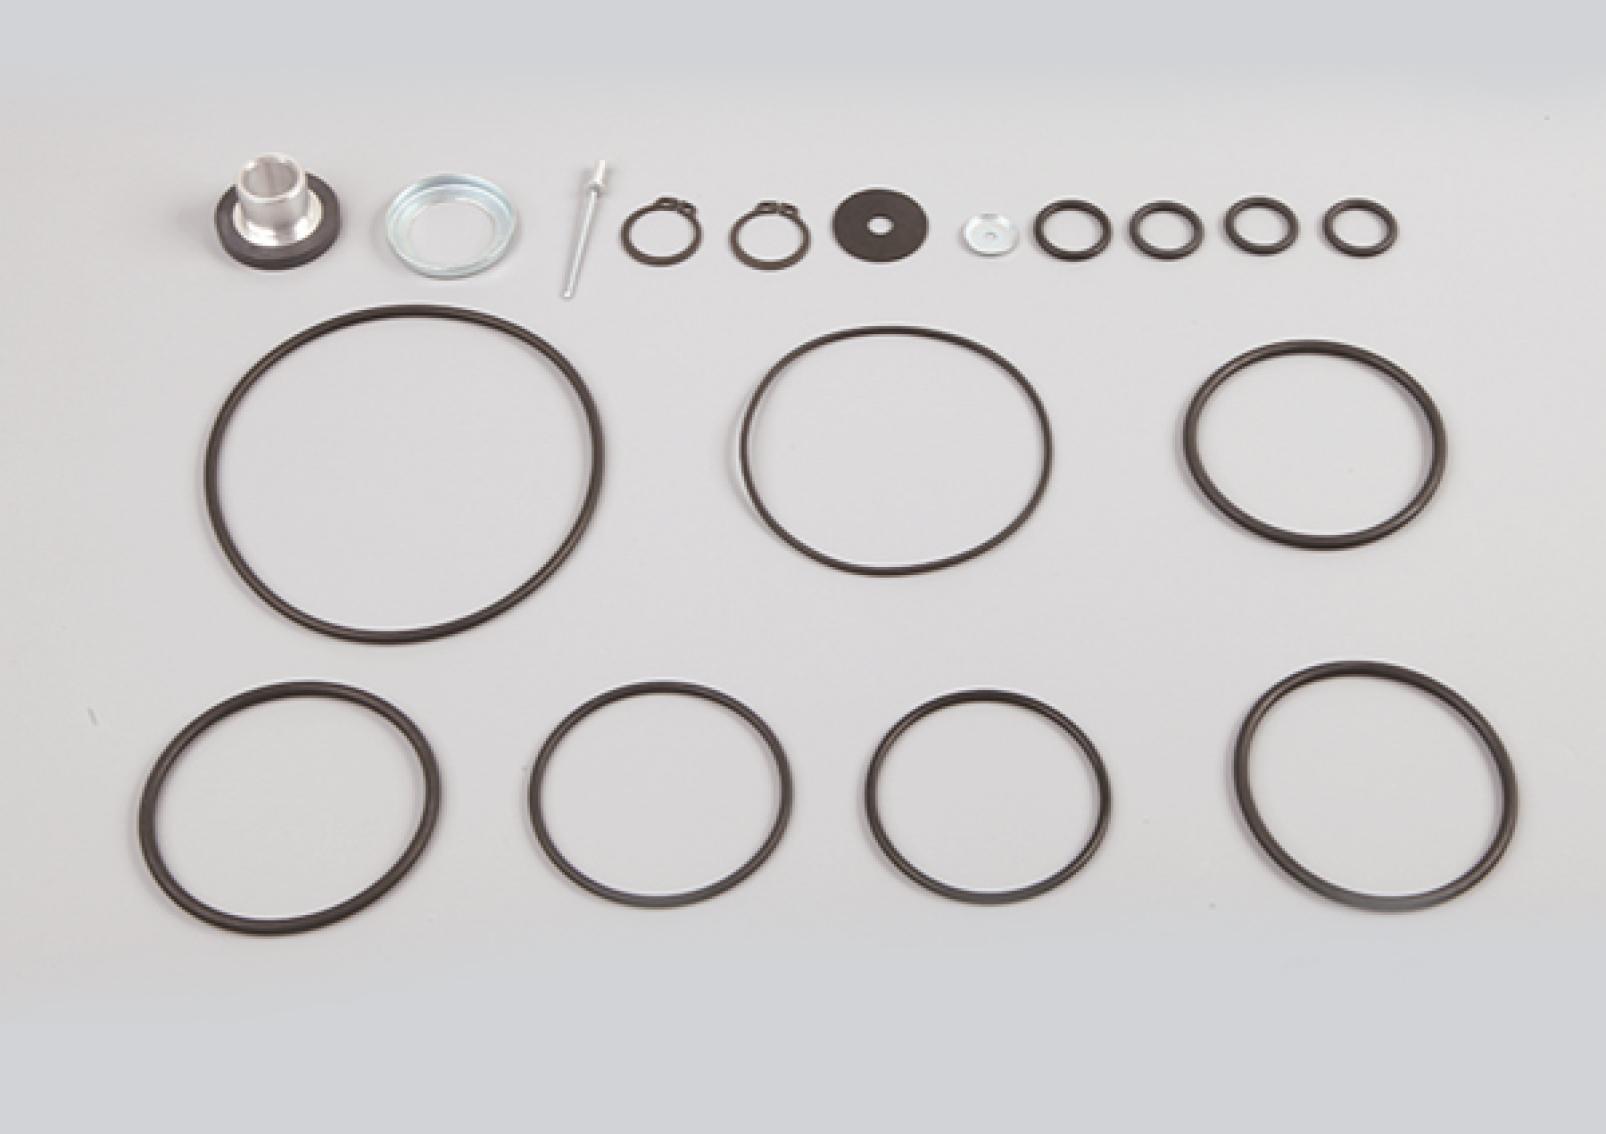 Trailer Control Valve Repair Kit, 1 487 010 167